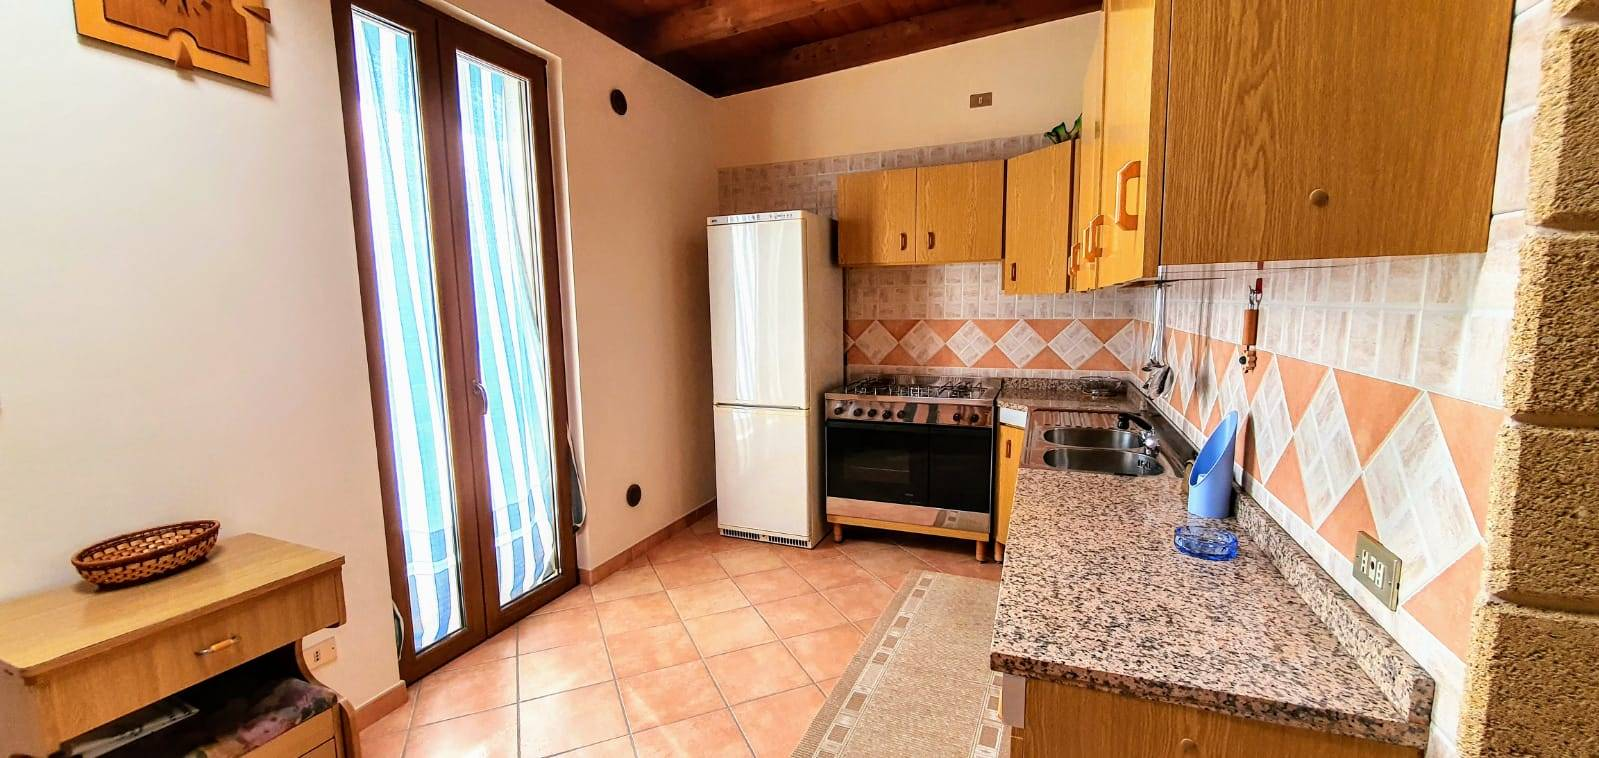 Appartamento in vendita a Altamura, 4 locali, zona Località: VIA MATERA, prezzo € 95.000   CambioCasa.it